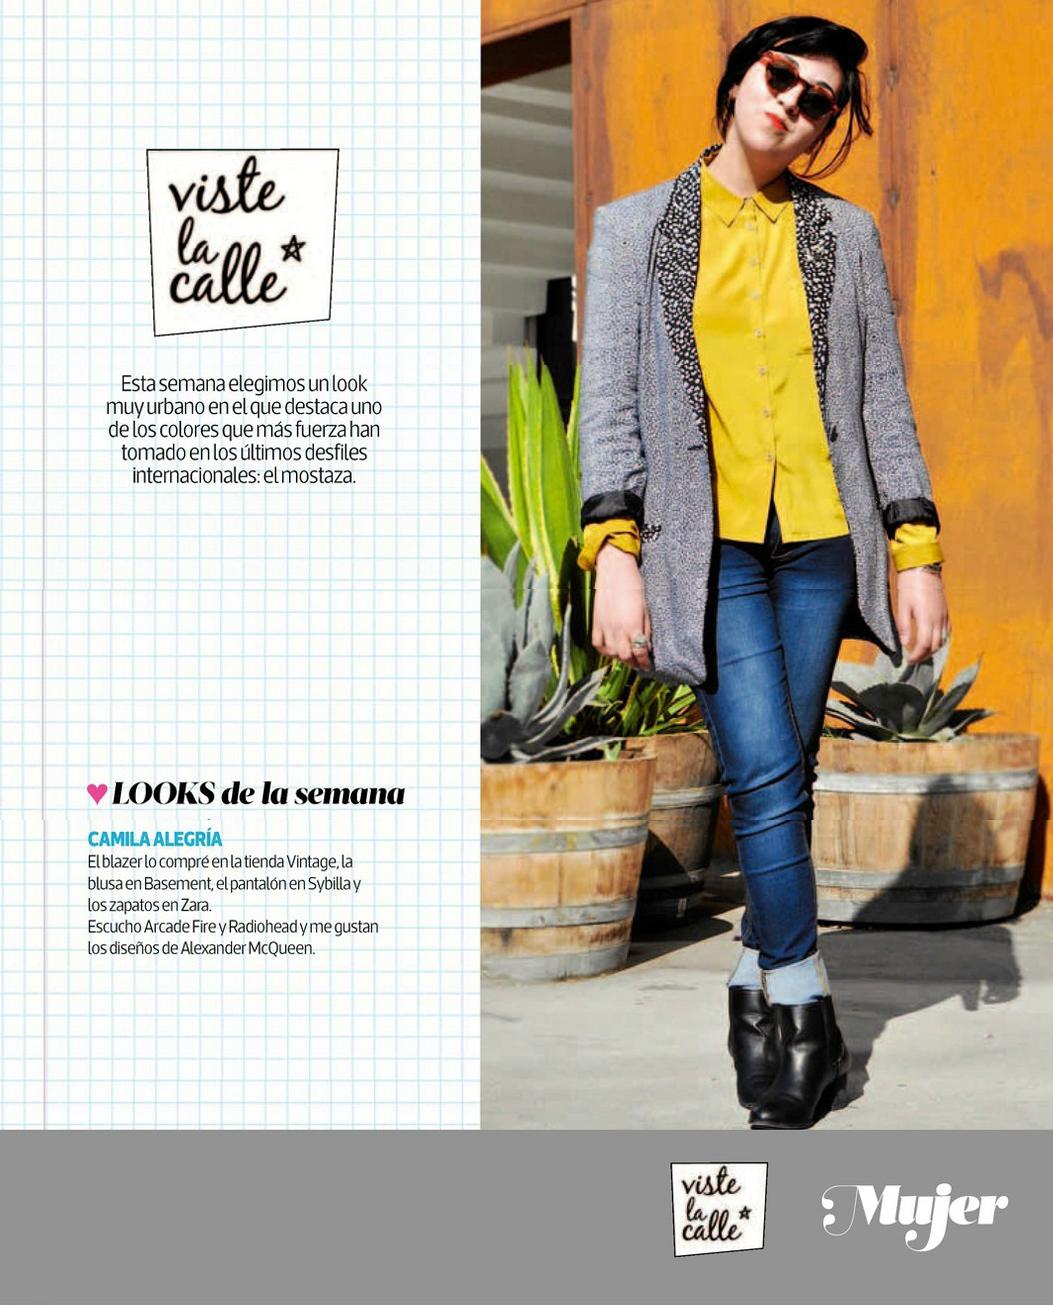 El look de Viste la Calle en Revista Mujer